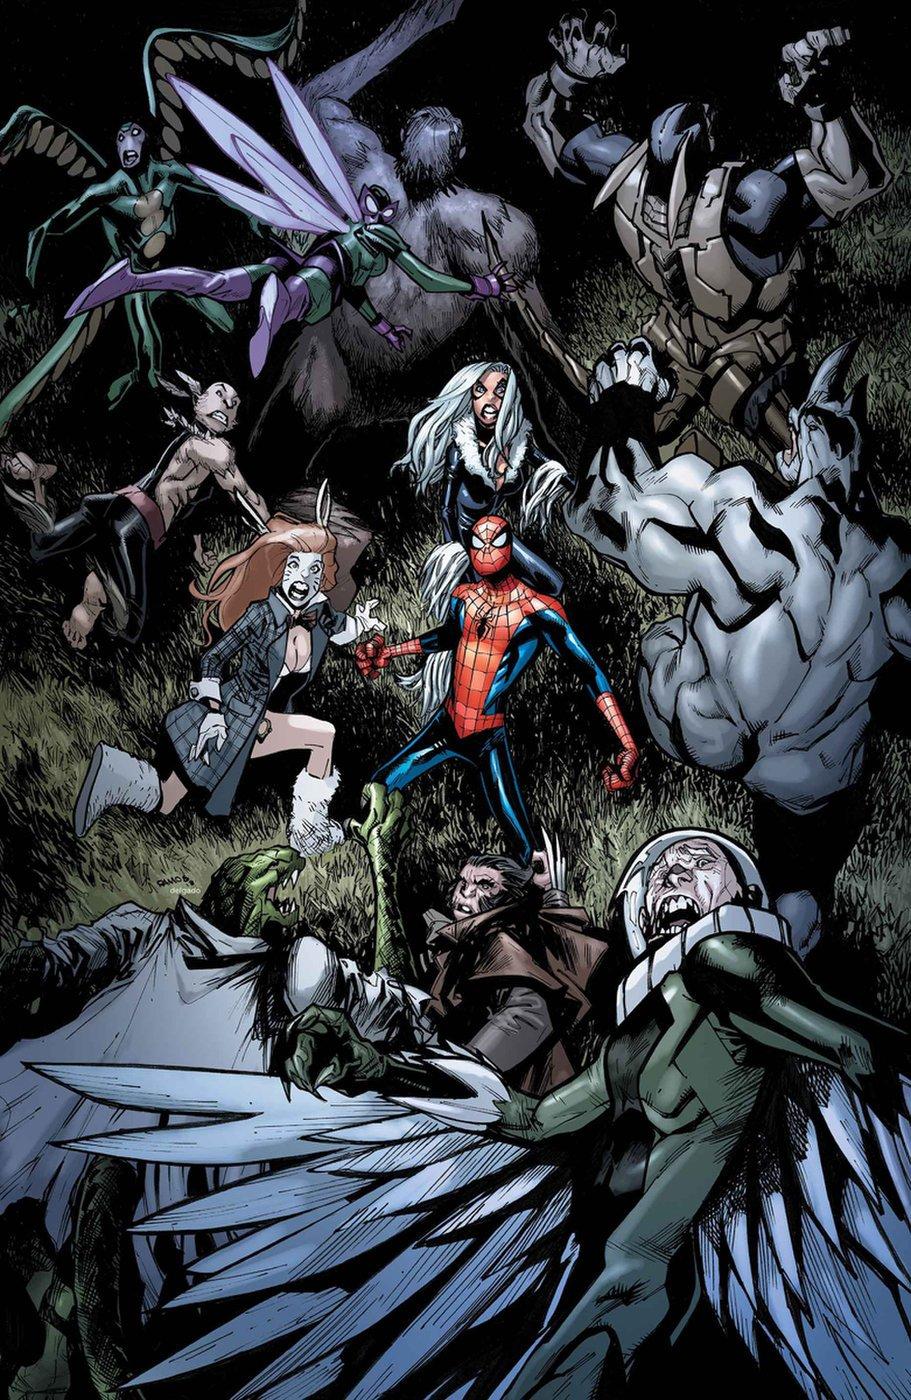 Hunted: как Крэйвен ссыном наЧеловека-паука новую охоту устроили | Канобу - Изображение 3